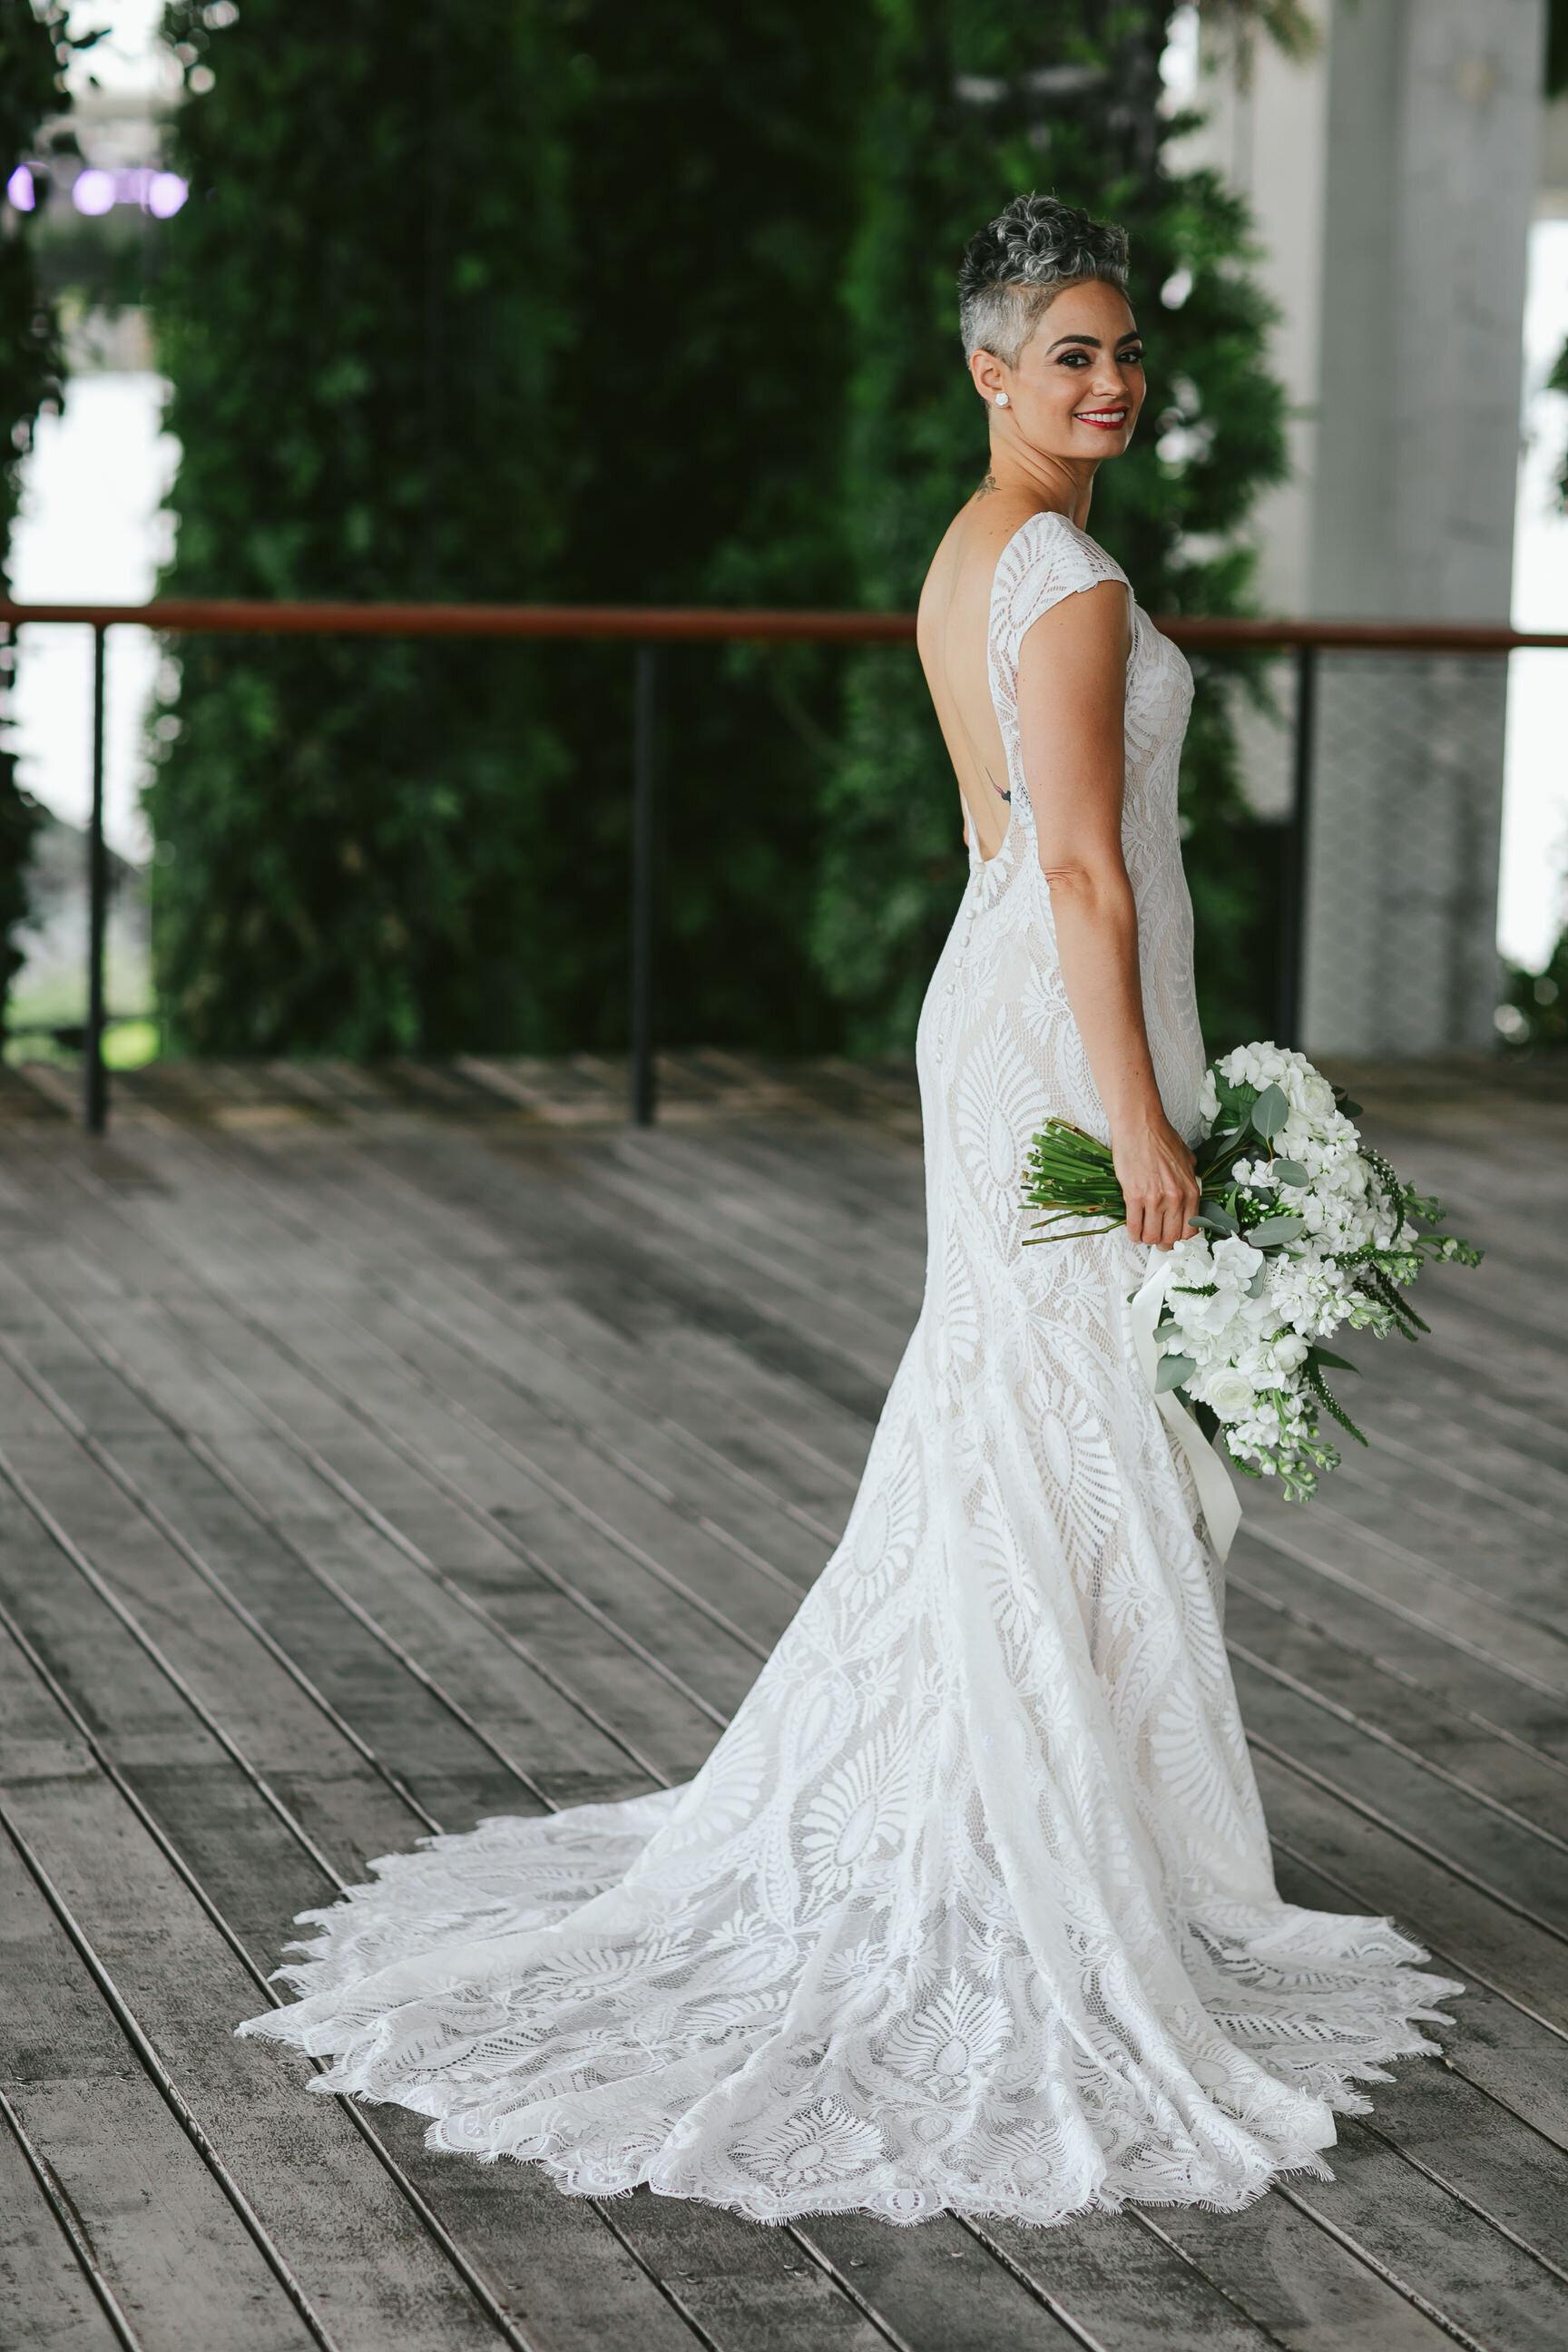 Gorgeous Bride PAMM Miami